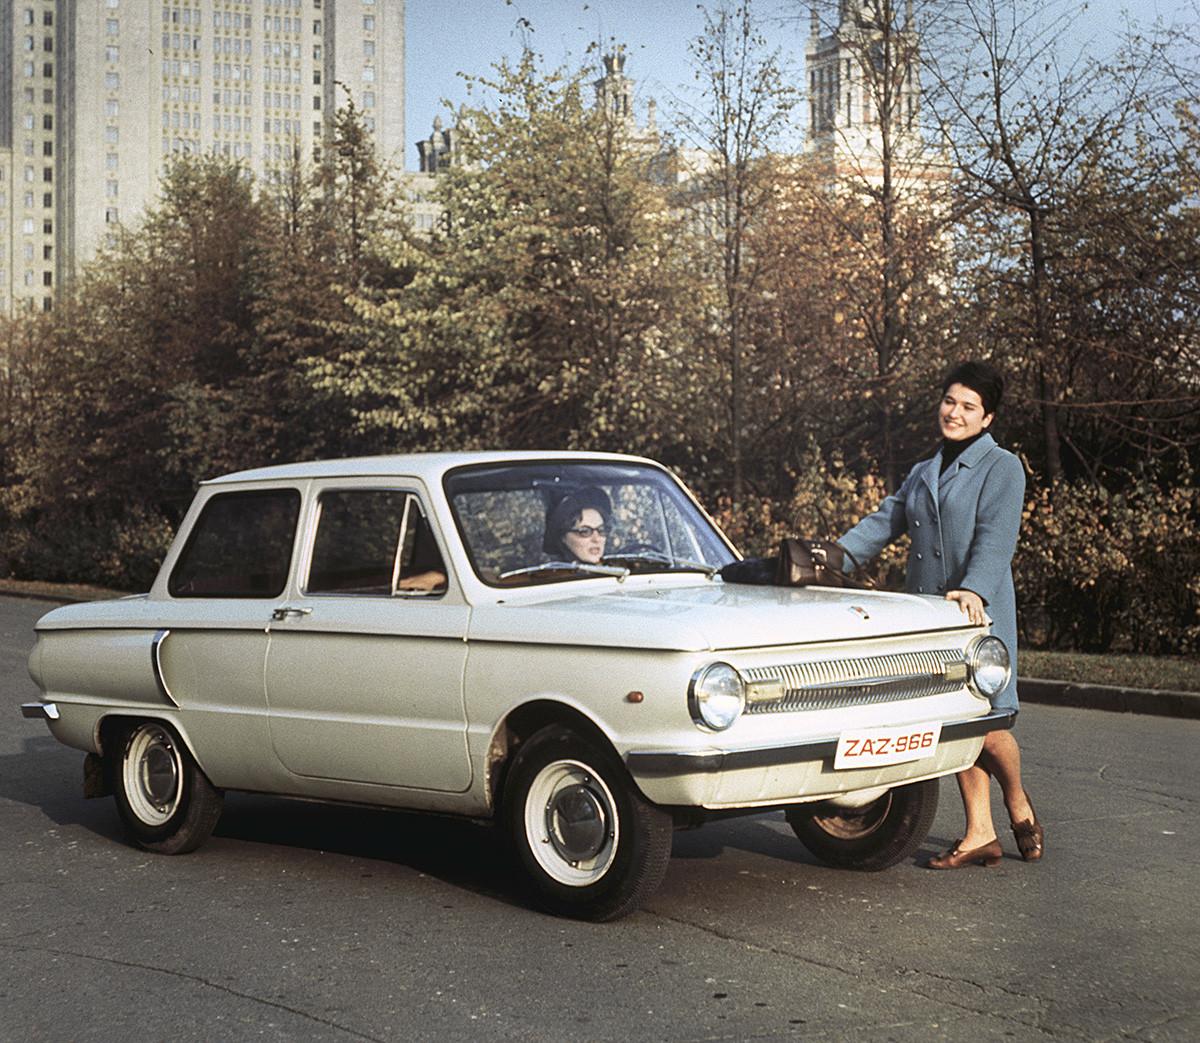 ザポリージャ自動車工場で製造された軽自動車ZAZ-966(愛称ザポロジェツ)。1970年